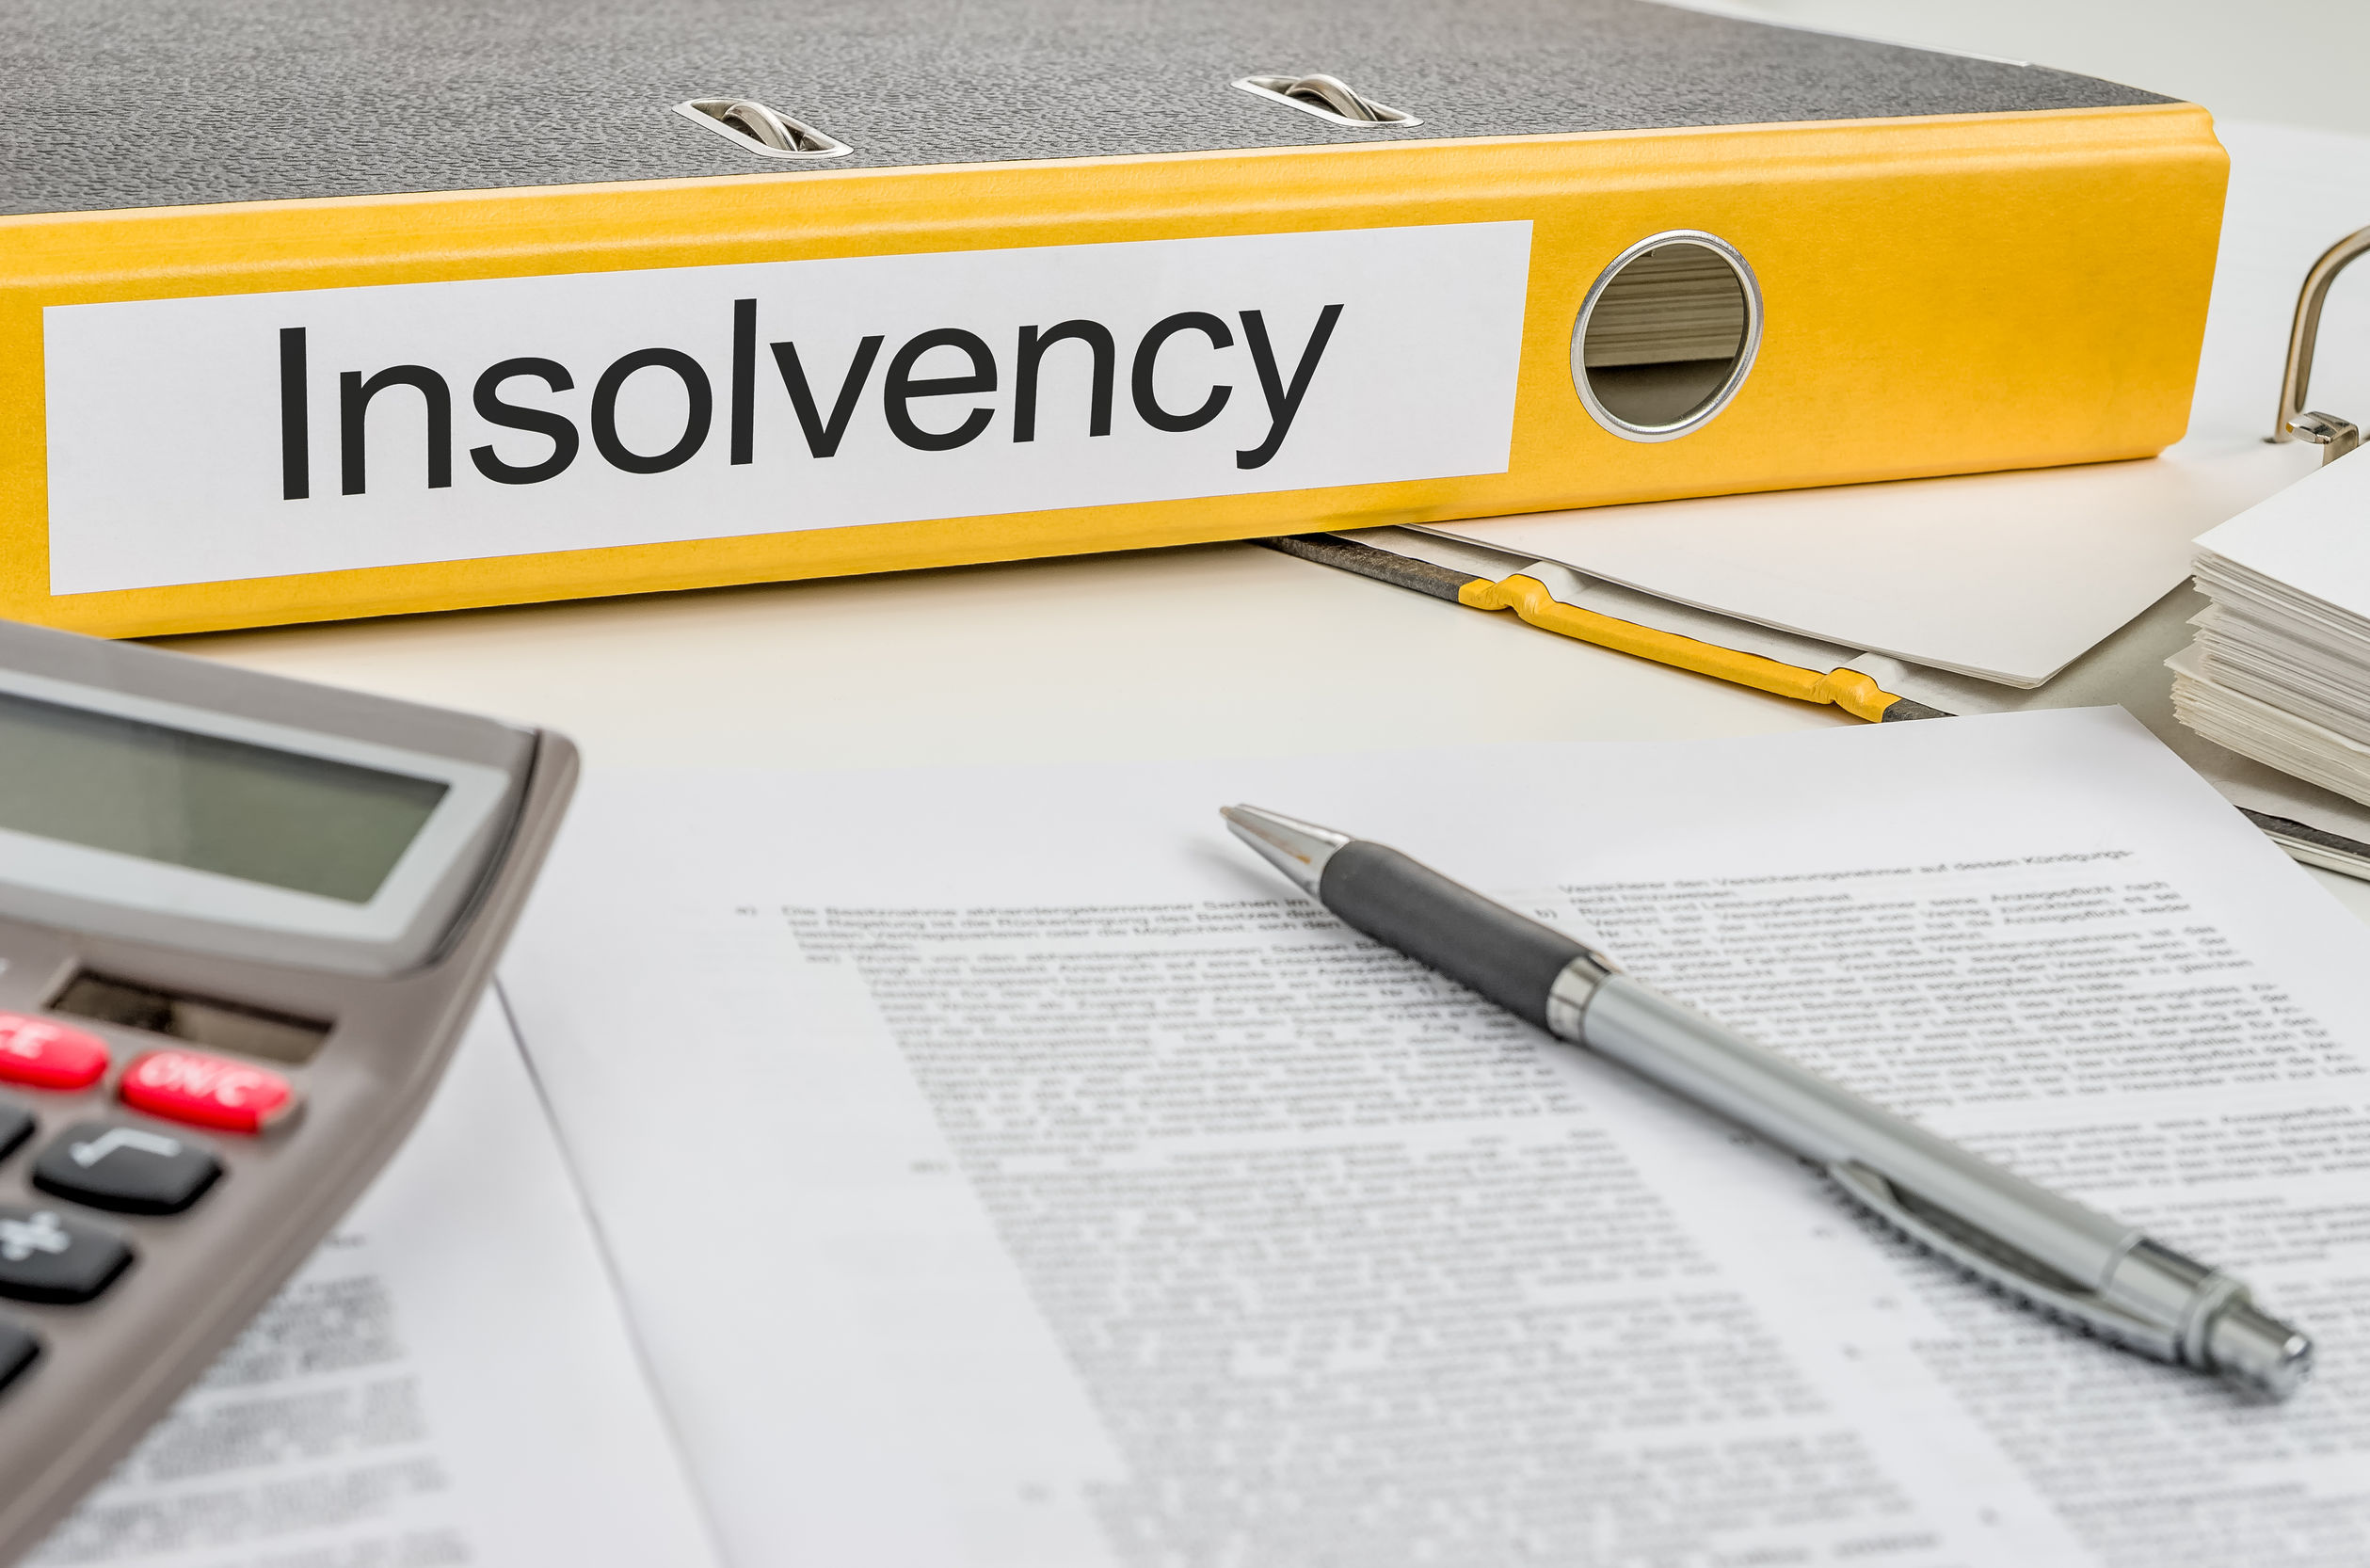 Încă 6441 firme au intrat în insolvenţă în primele nouă luni, cu 7,5% mai multe decât anul trecut